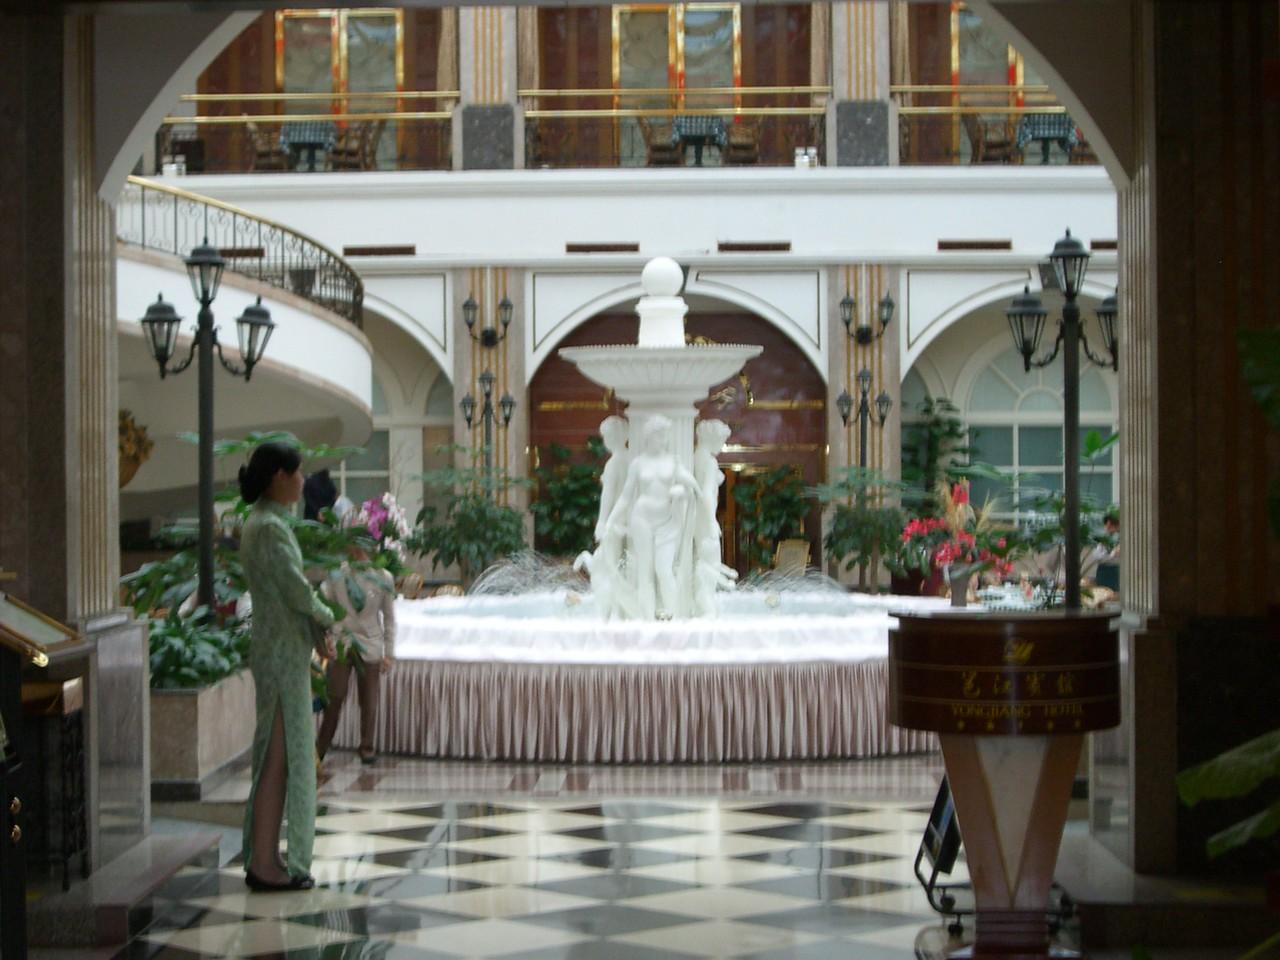 2006 07 13 Thu - Yong Jiang Hotel dining room fountain